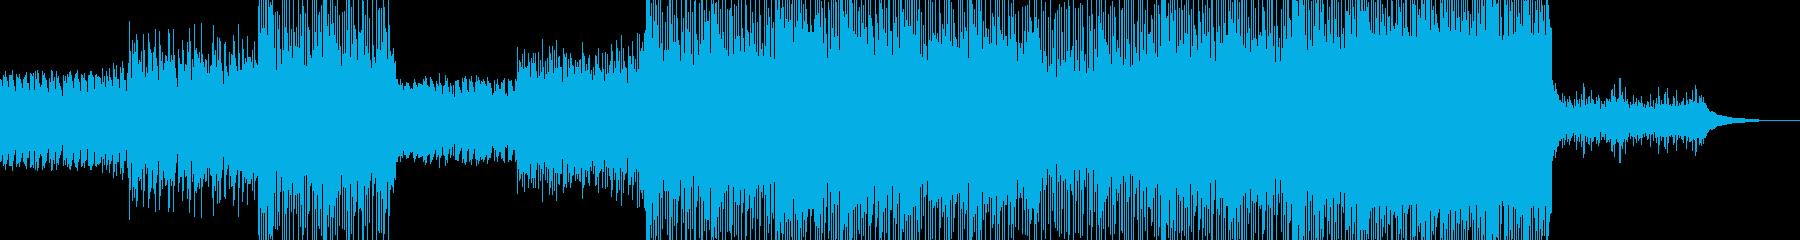 変則的なリズムとピアノとエレキの再生済みの波形